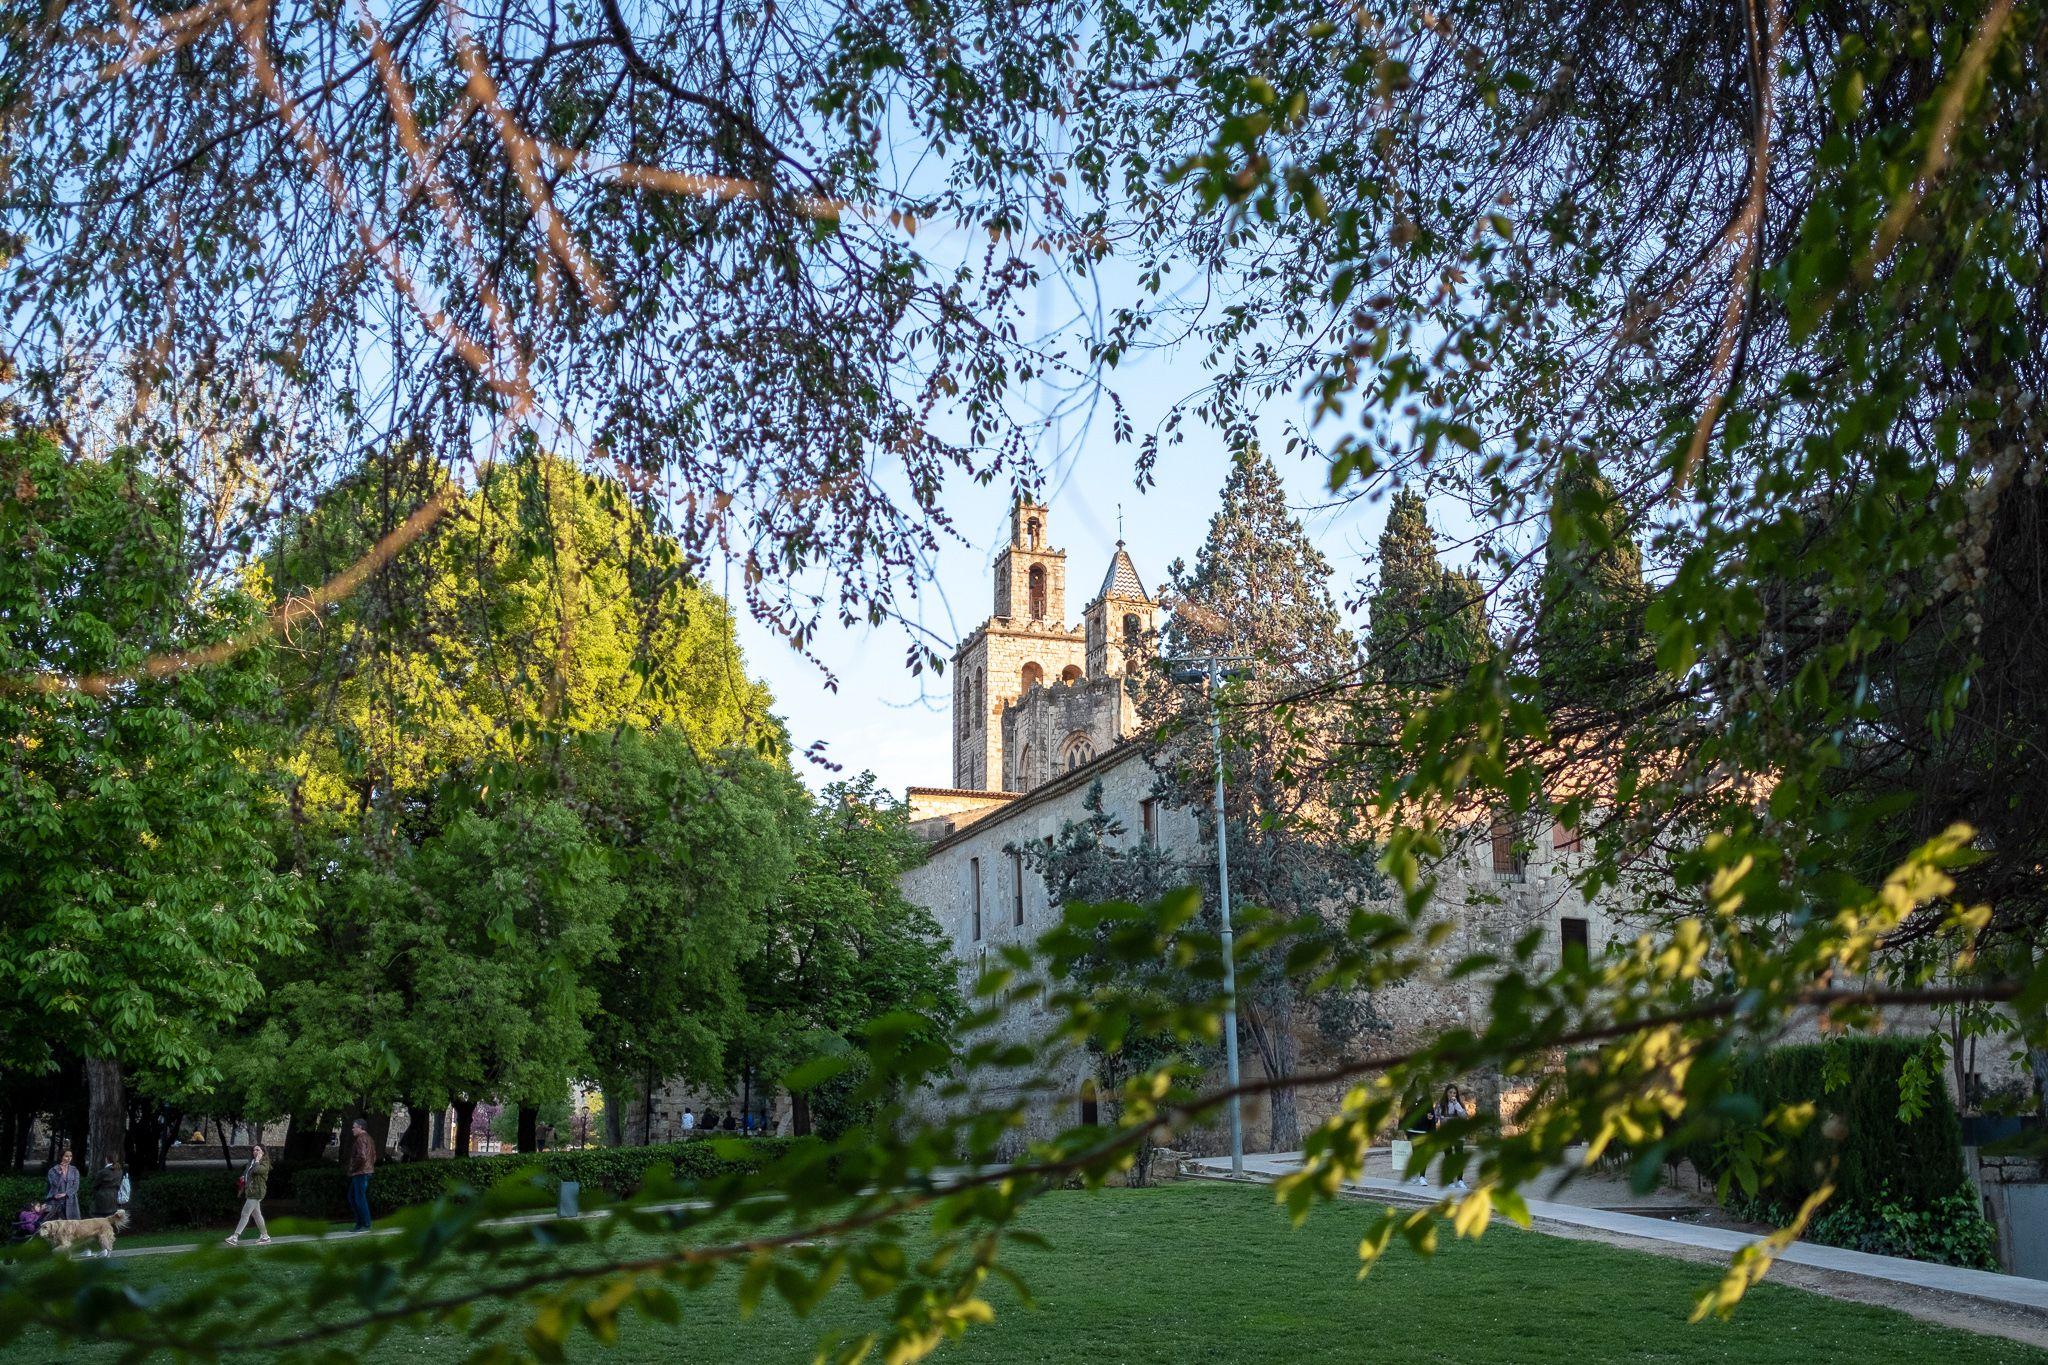 Els jardins i el monestir de Sant Cugat a la tarda. FOTO: Ale Gómez.